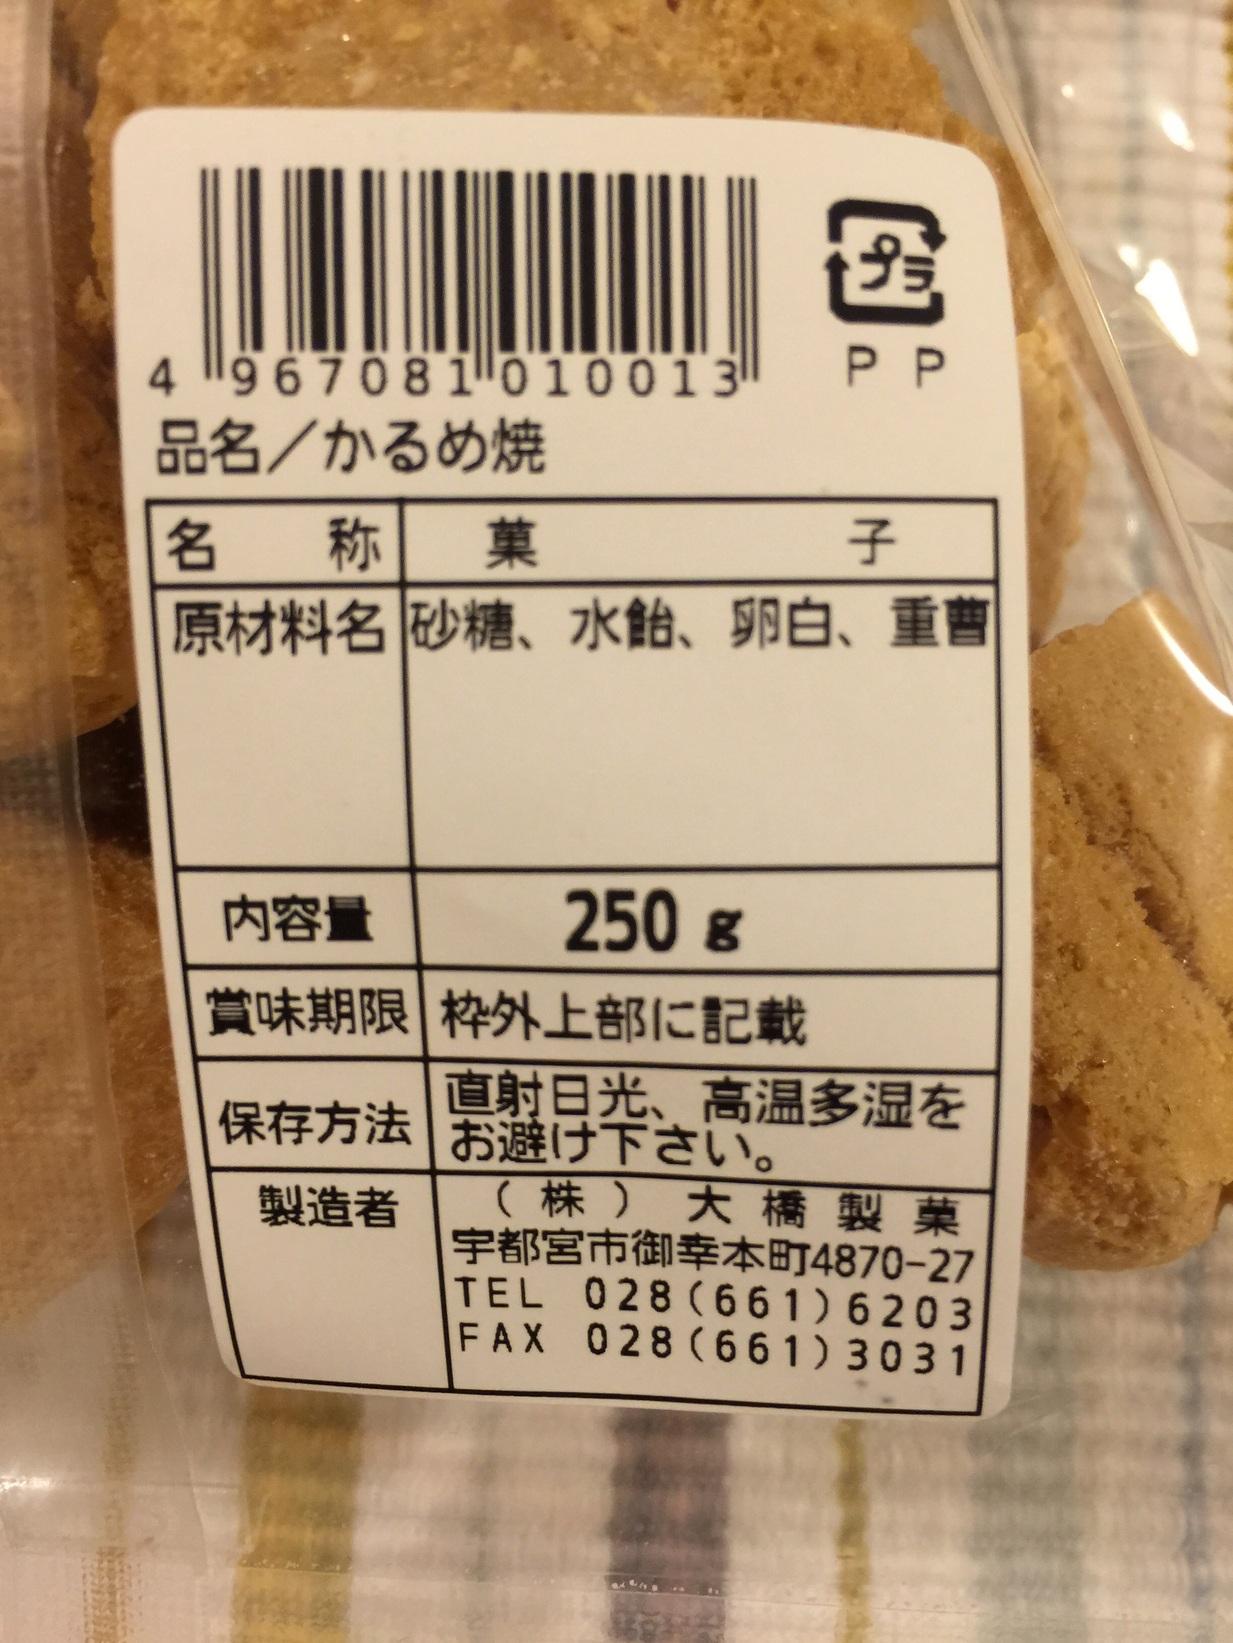 大橋製菓 name=